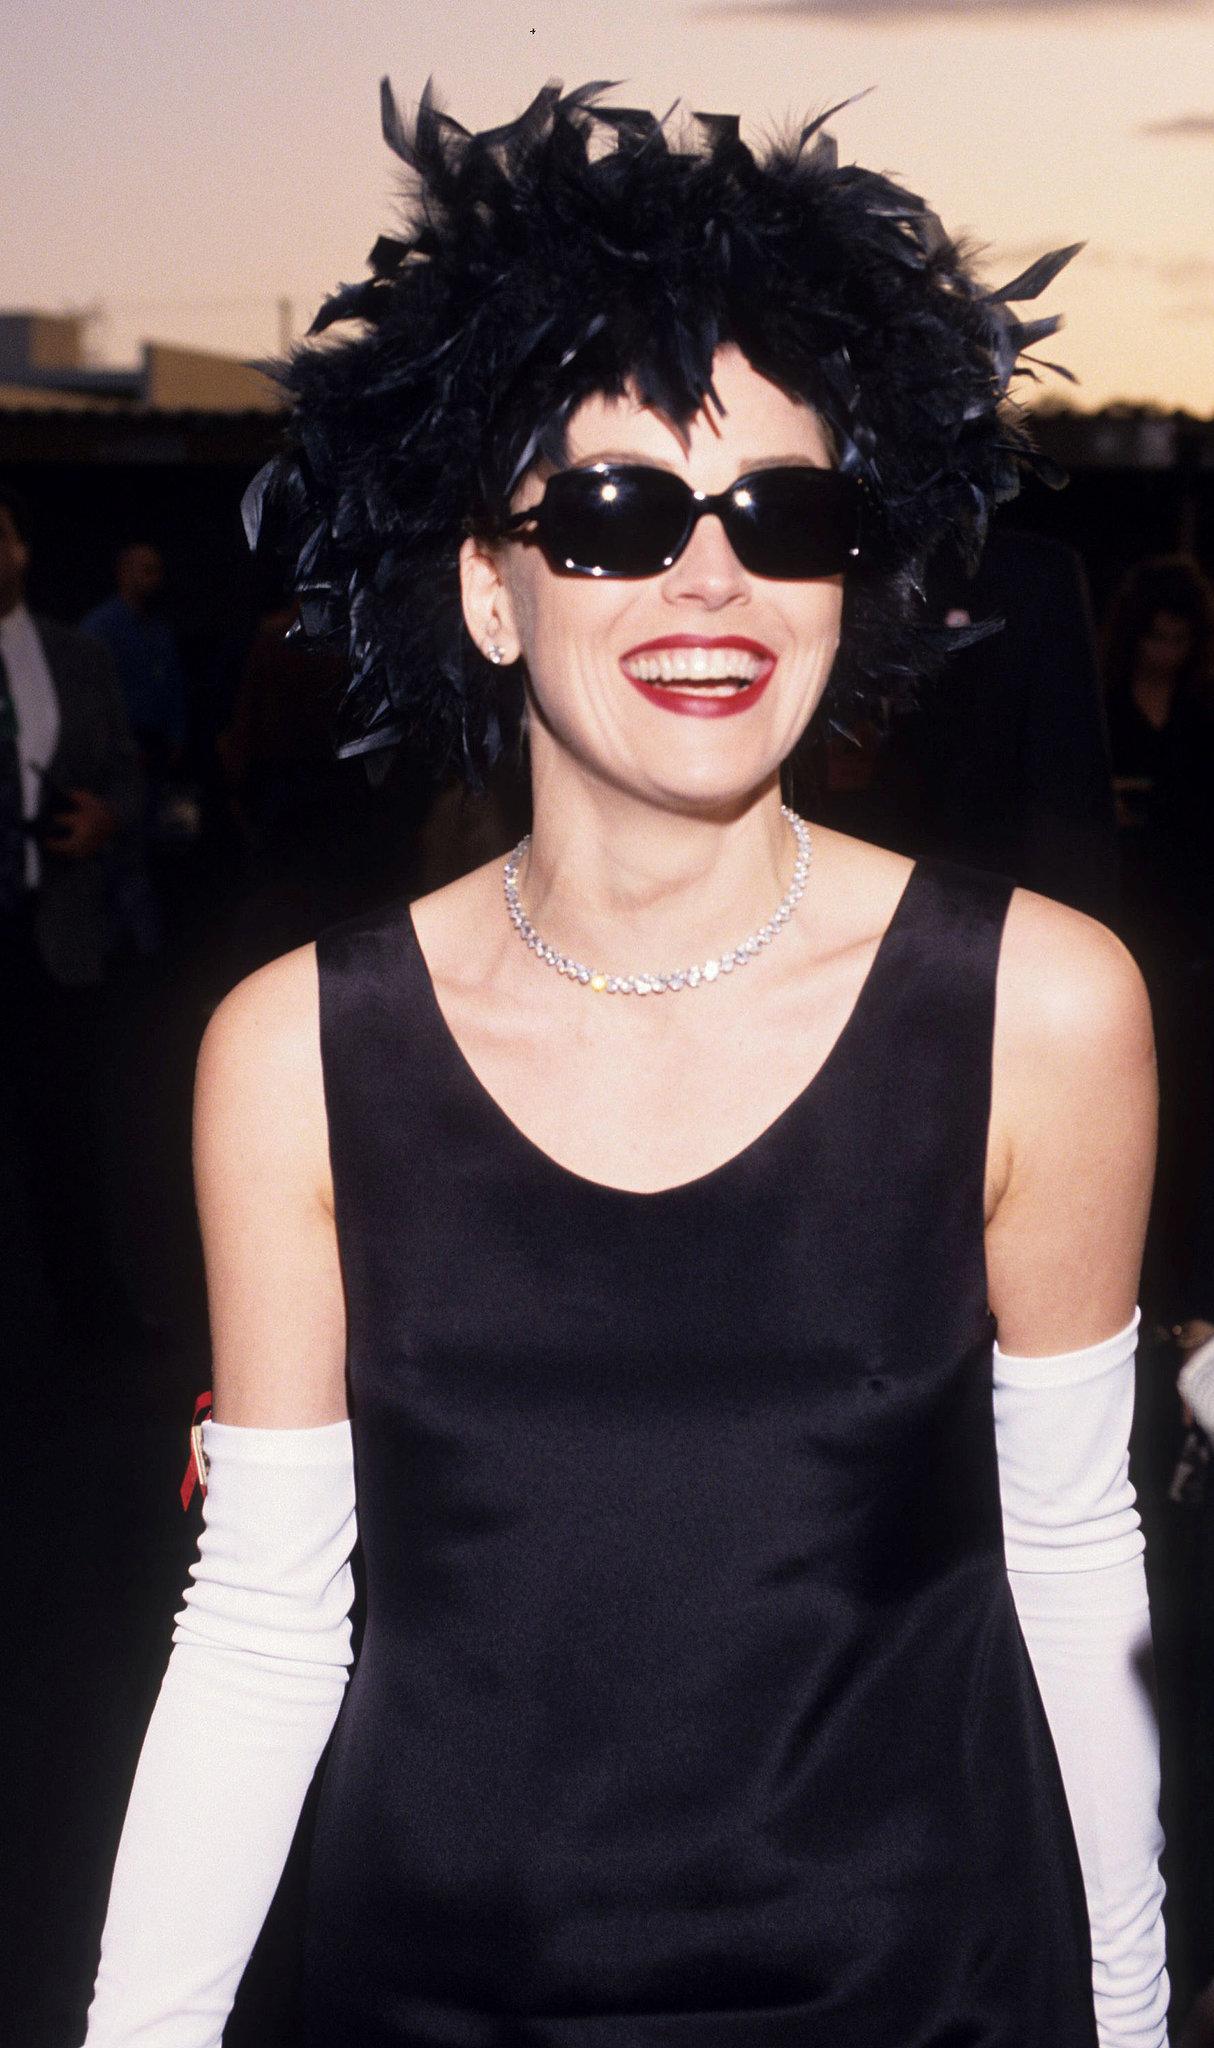 Sharon Stone wore sunglasses at night.